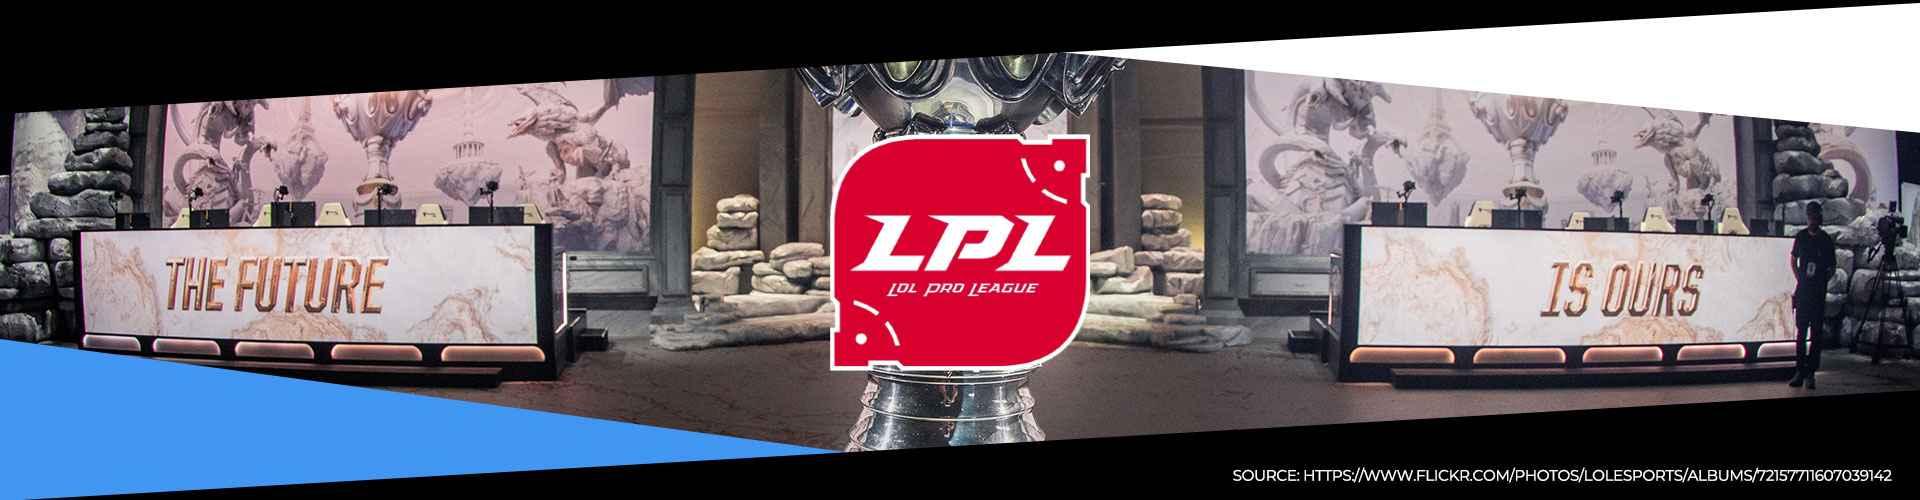 Korona-viruksen vuoksi tauolla ollut LPL-liiga palaa